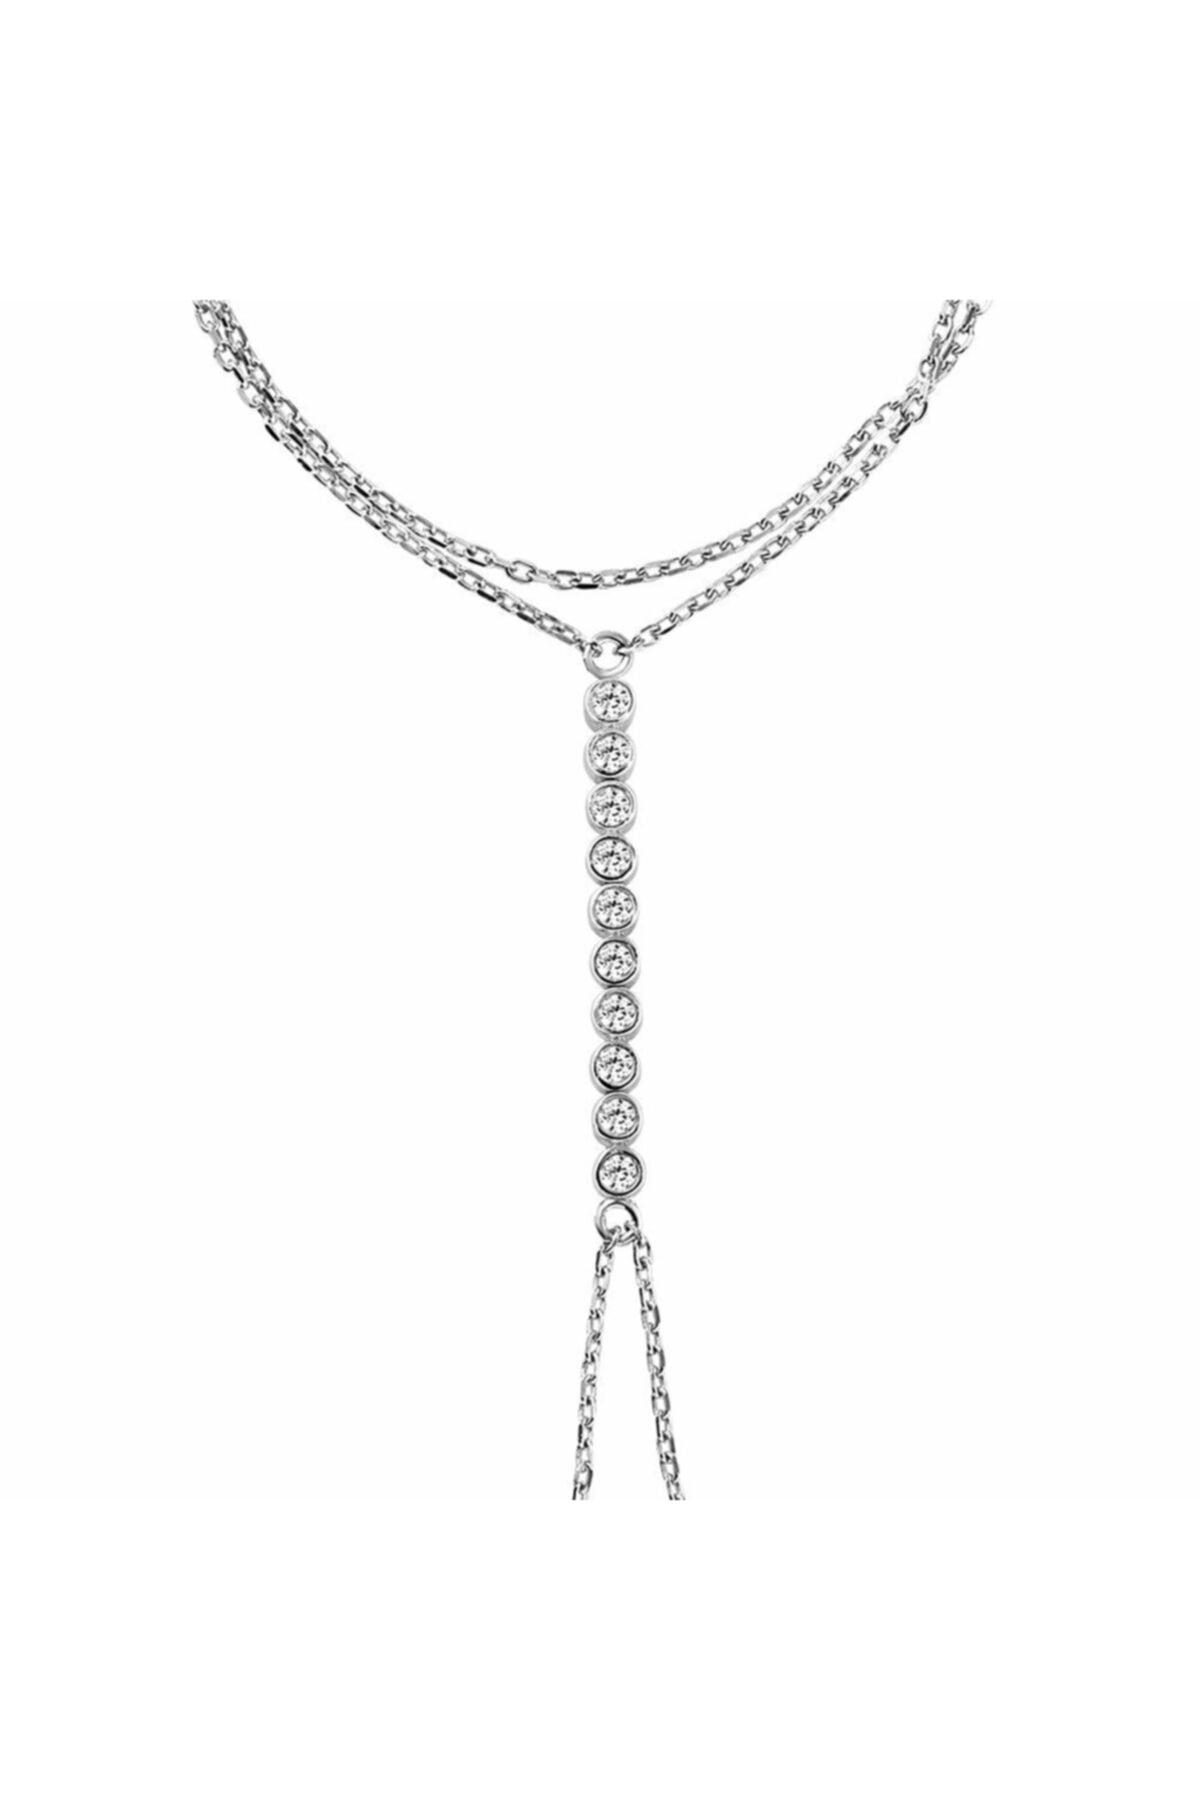 دستبند انگشتی زنانه خاص برند Gümüş Hediye Al کد ty47243942